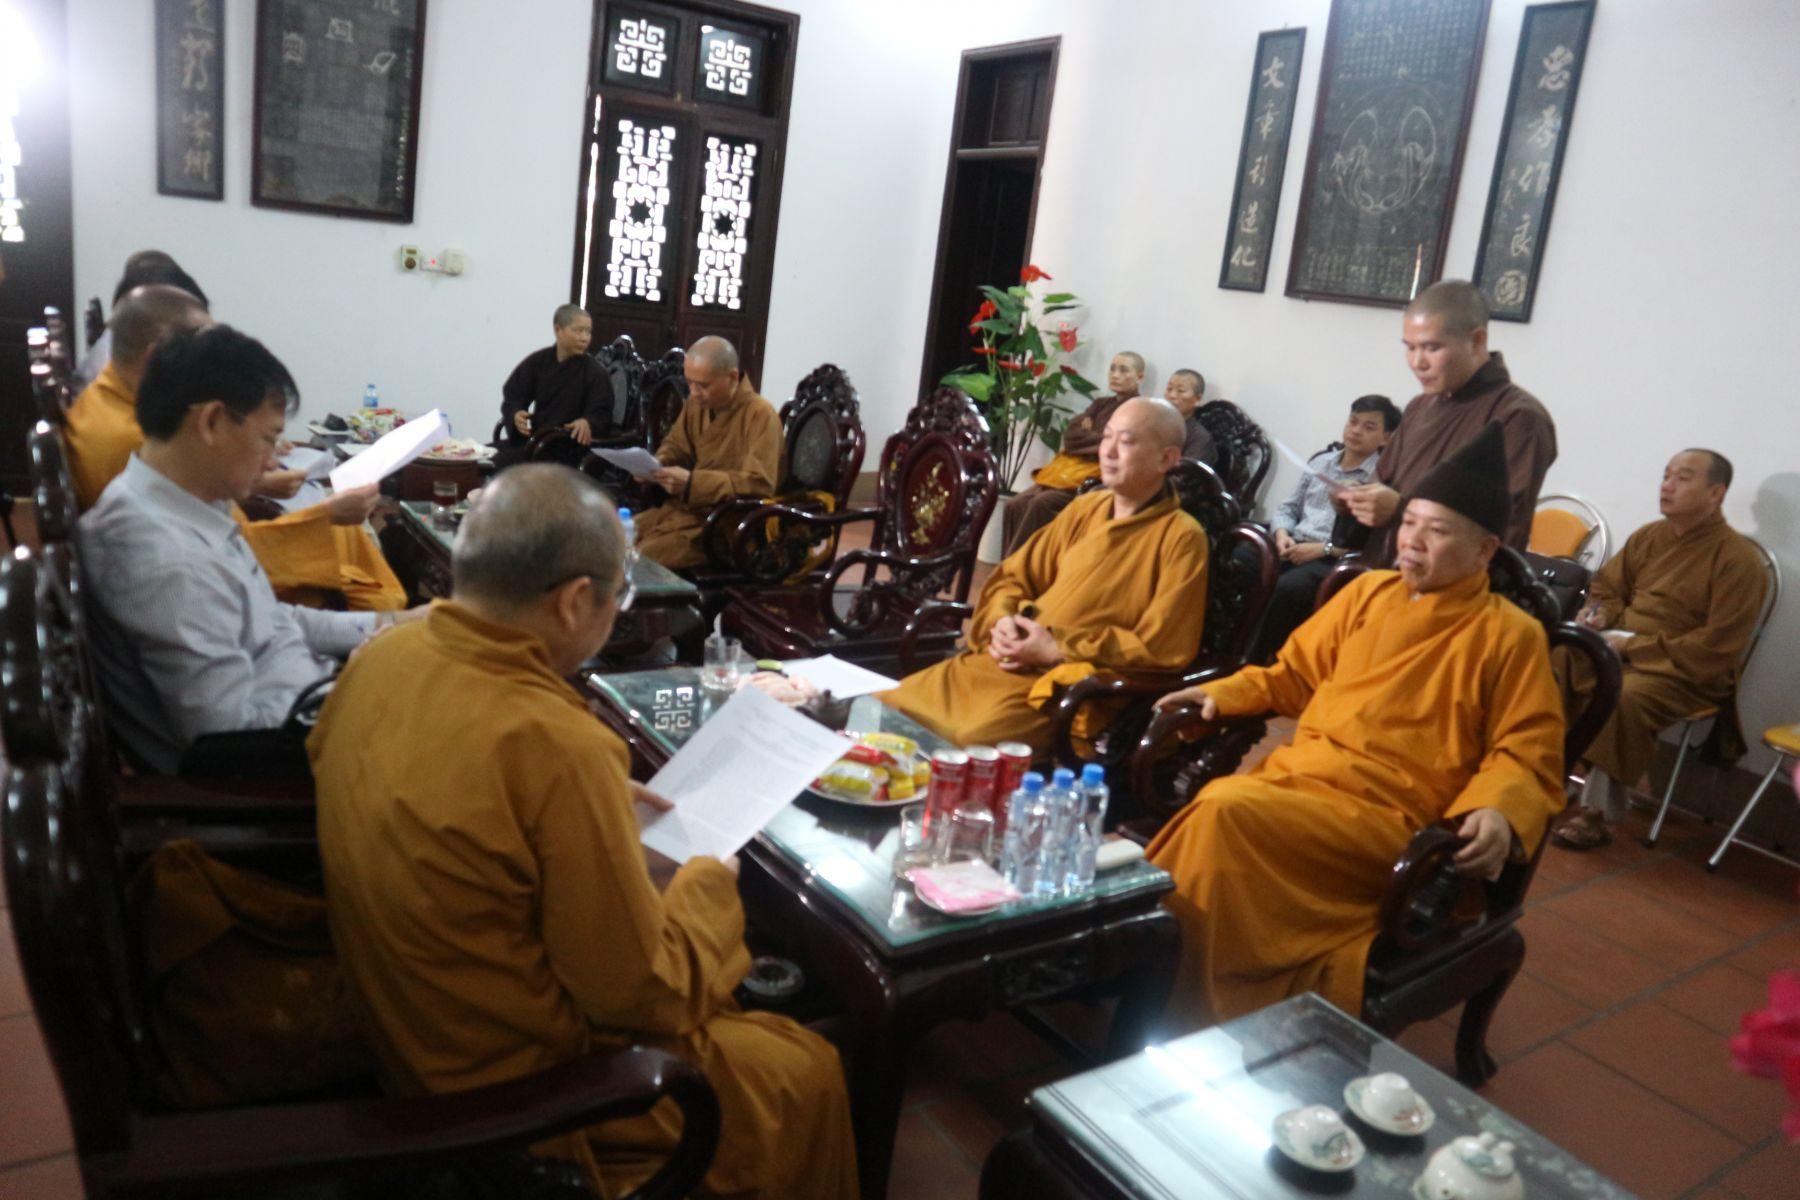 Hà Nam: Ban Trị Sự Phật giáo Tỉnh Họp Rà Soát Triển Khai Kế Hoạch Phối Hợp với GHPGVN Tổ Chức Đại Lễ Vesak Liên Hiệp Quốc 2019.